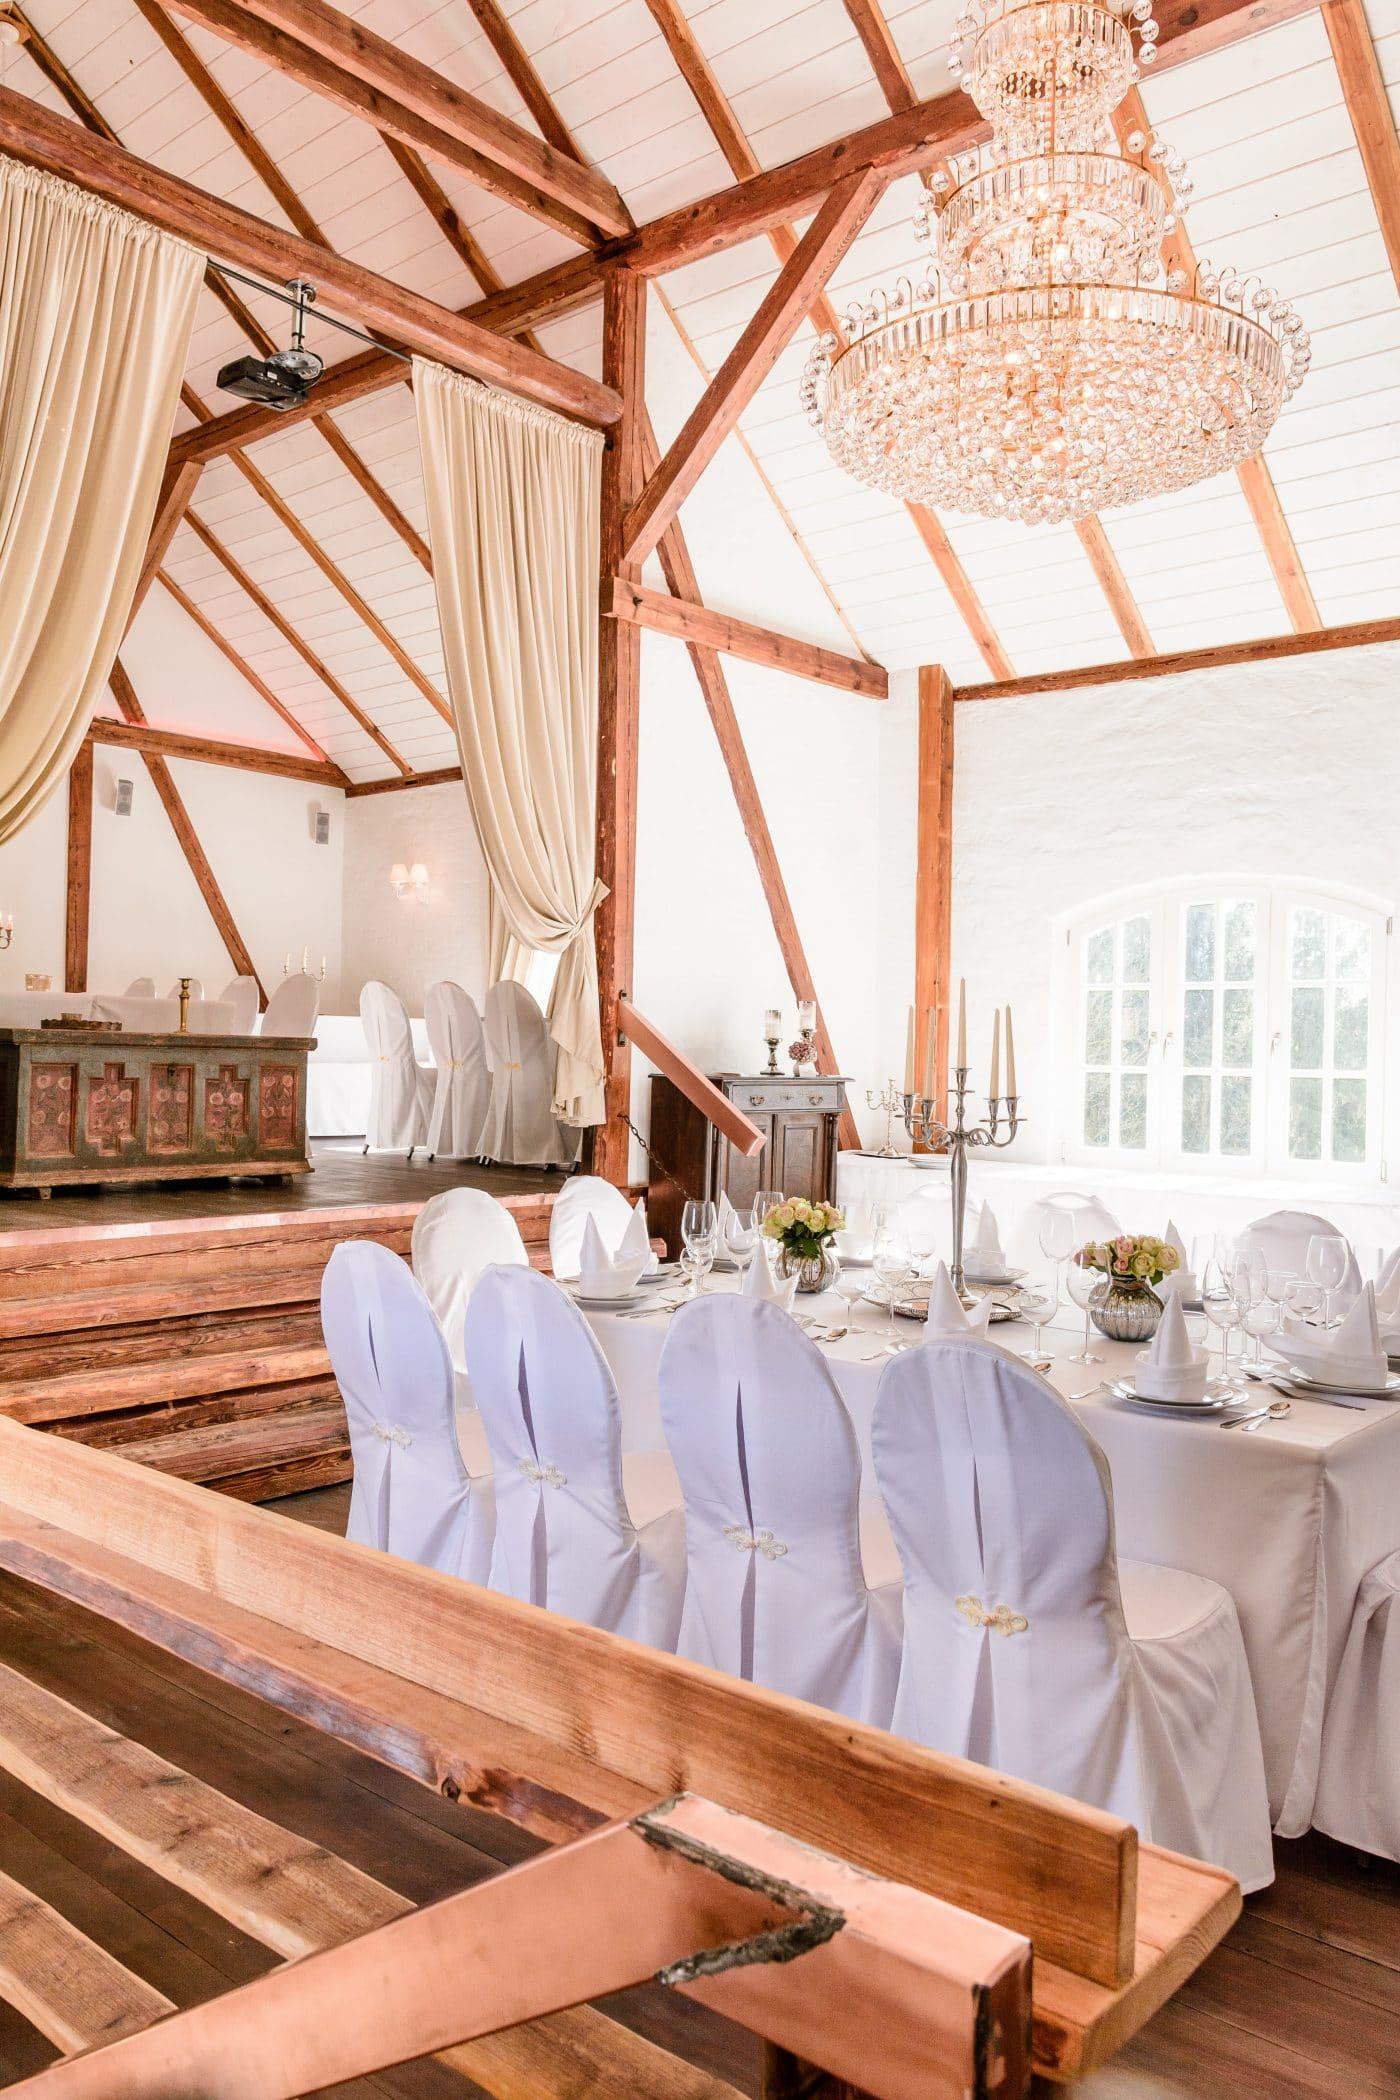 Hochzeitstisch eingedeckt